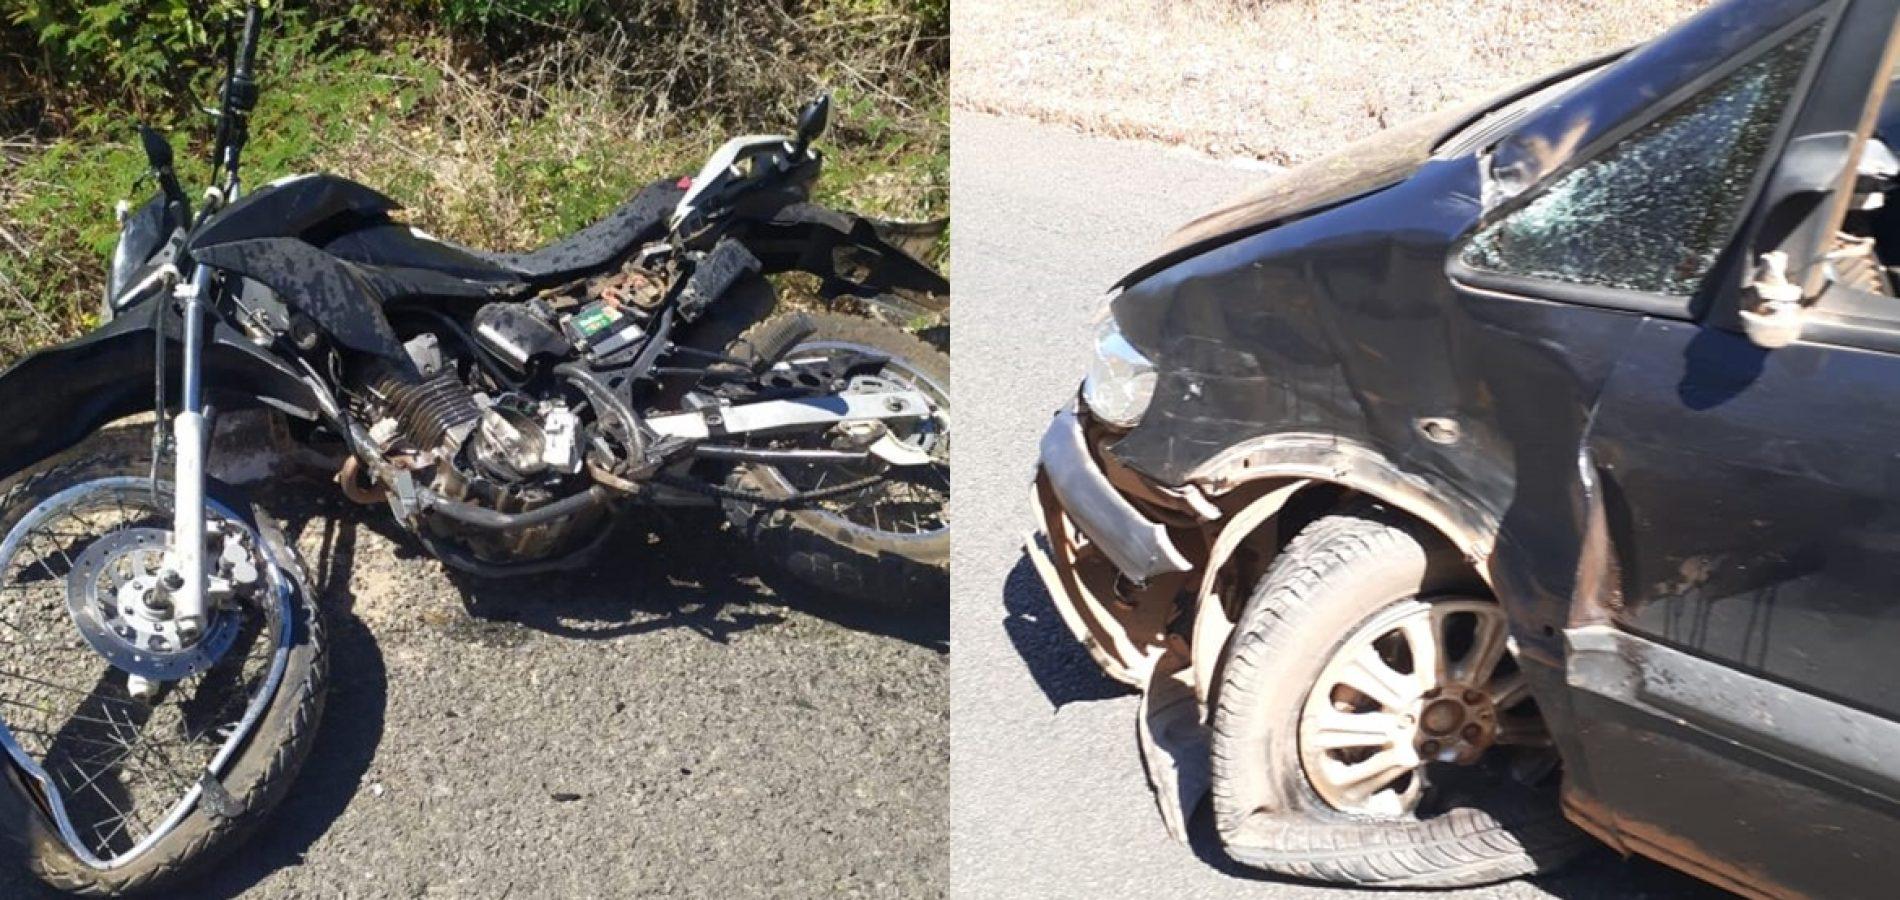 Motociclista morre após desviar de buraco e colidir em carro na PI-143